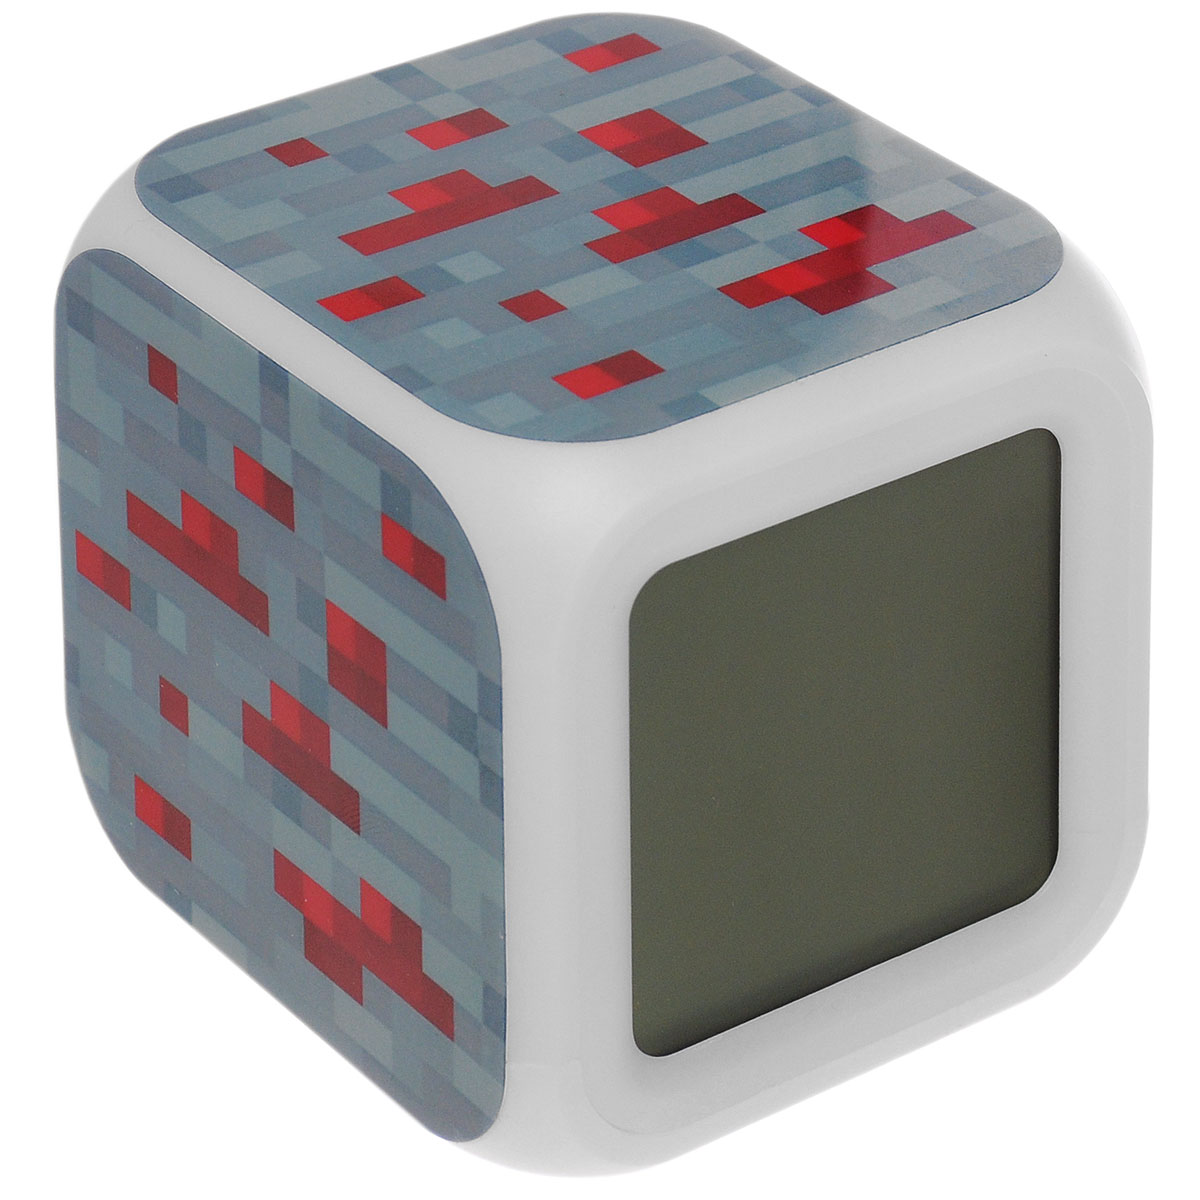 Часы-будильник настольные Minecraft Блок красной руды, пиксельные, с подсветкой, цвет: серый, красный. N03351N03351Настольные часы Minecraft Блок красной руды своим эксклюзивным дизайном подчеркнут оригинальность интерьера вашего дома. Изделие выполнено в виде блока красной руды.Часы создающие настроение. Это - светильник, часы, будильник. Семь оттенков мягкой подсветки, термометр и календарь. Все данные отображаются на ЖК-дисплее. Настольные часы Minecraft станут прекрасным аксессуаром для вашего дома, либо прекрасным подарком, который обязательно понравится получателю.Необходимо докупить 4 батарейки типа ААА (в комплект не входят).